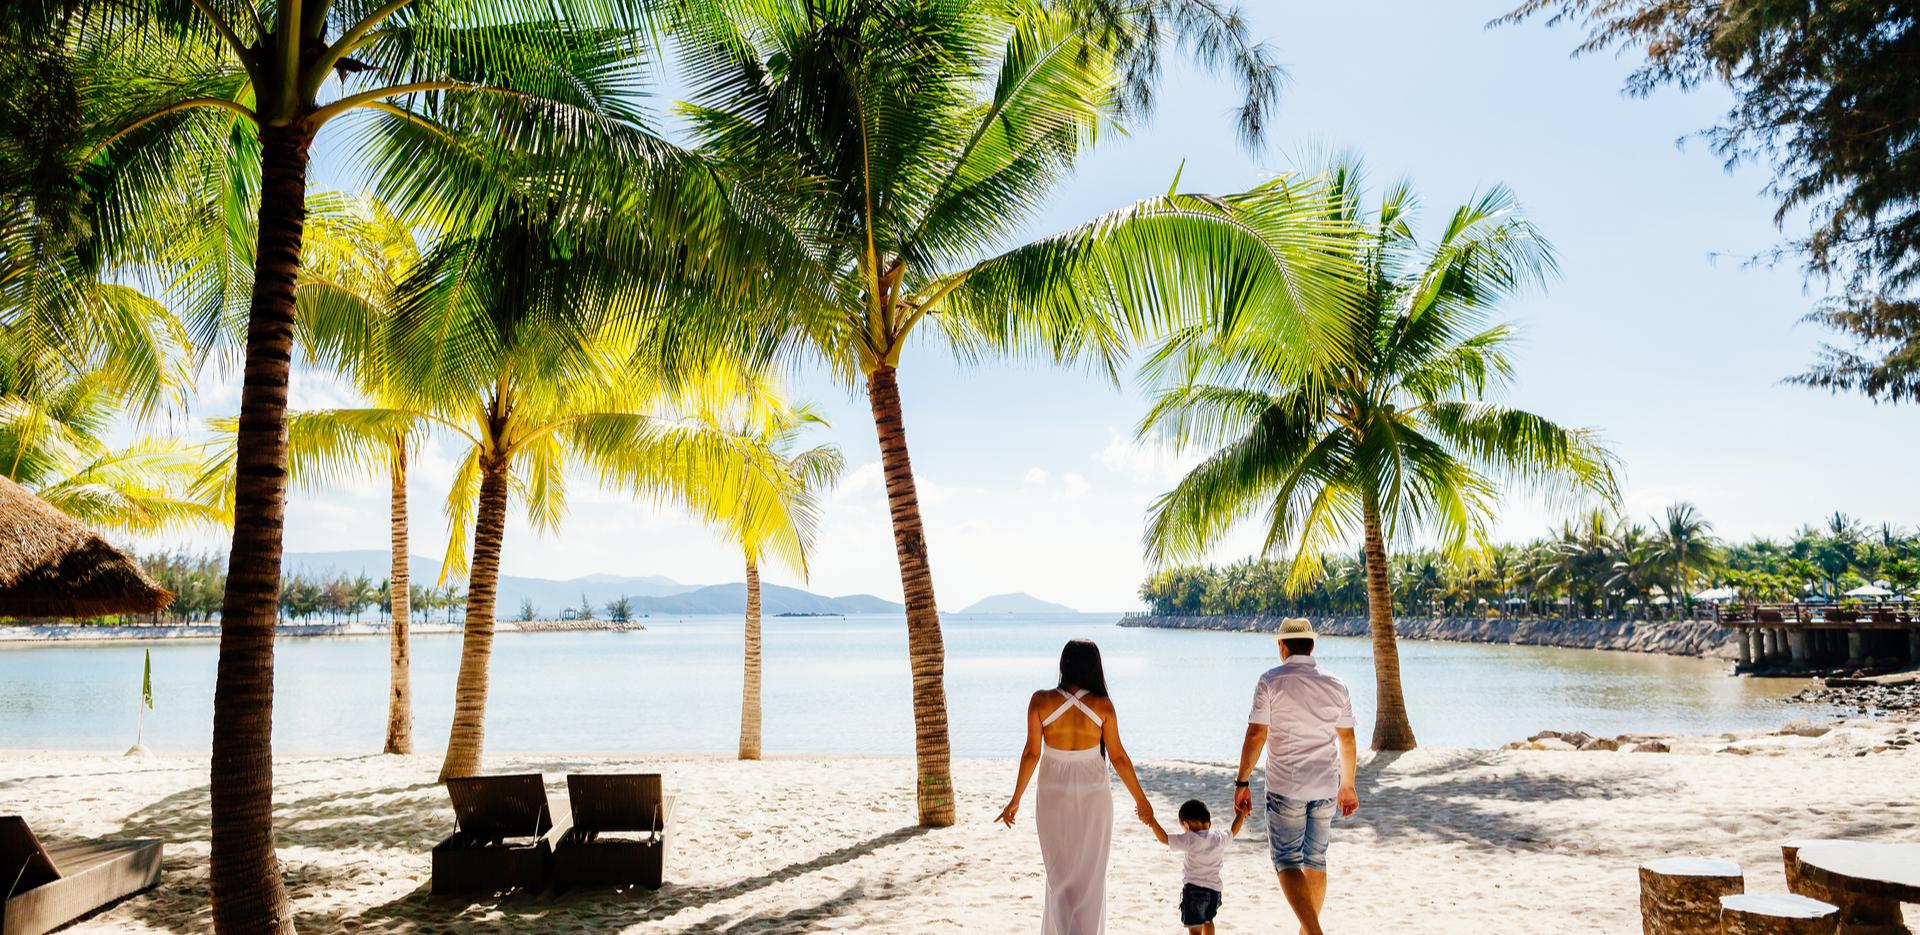 luxury resorts in india